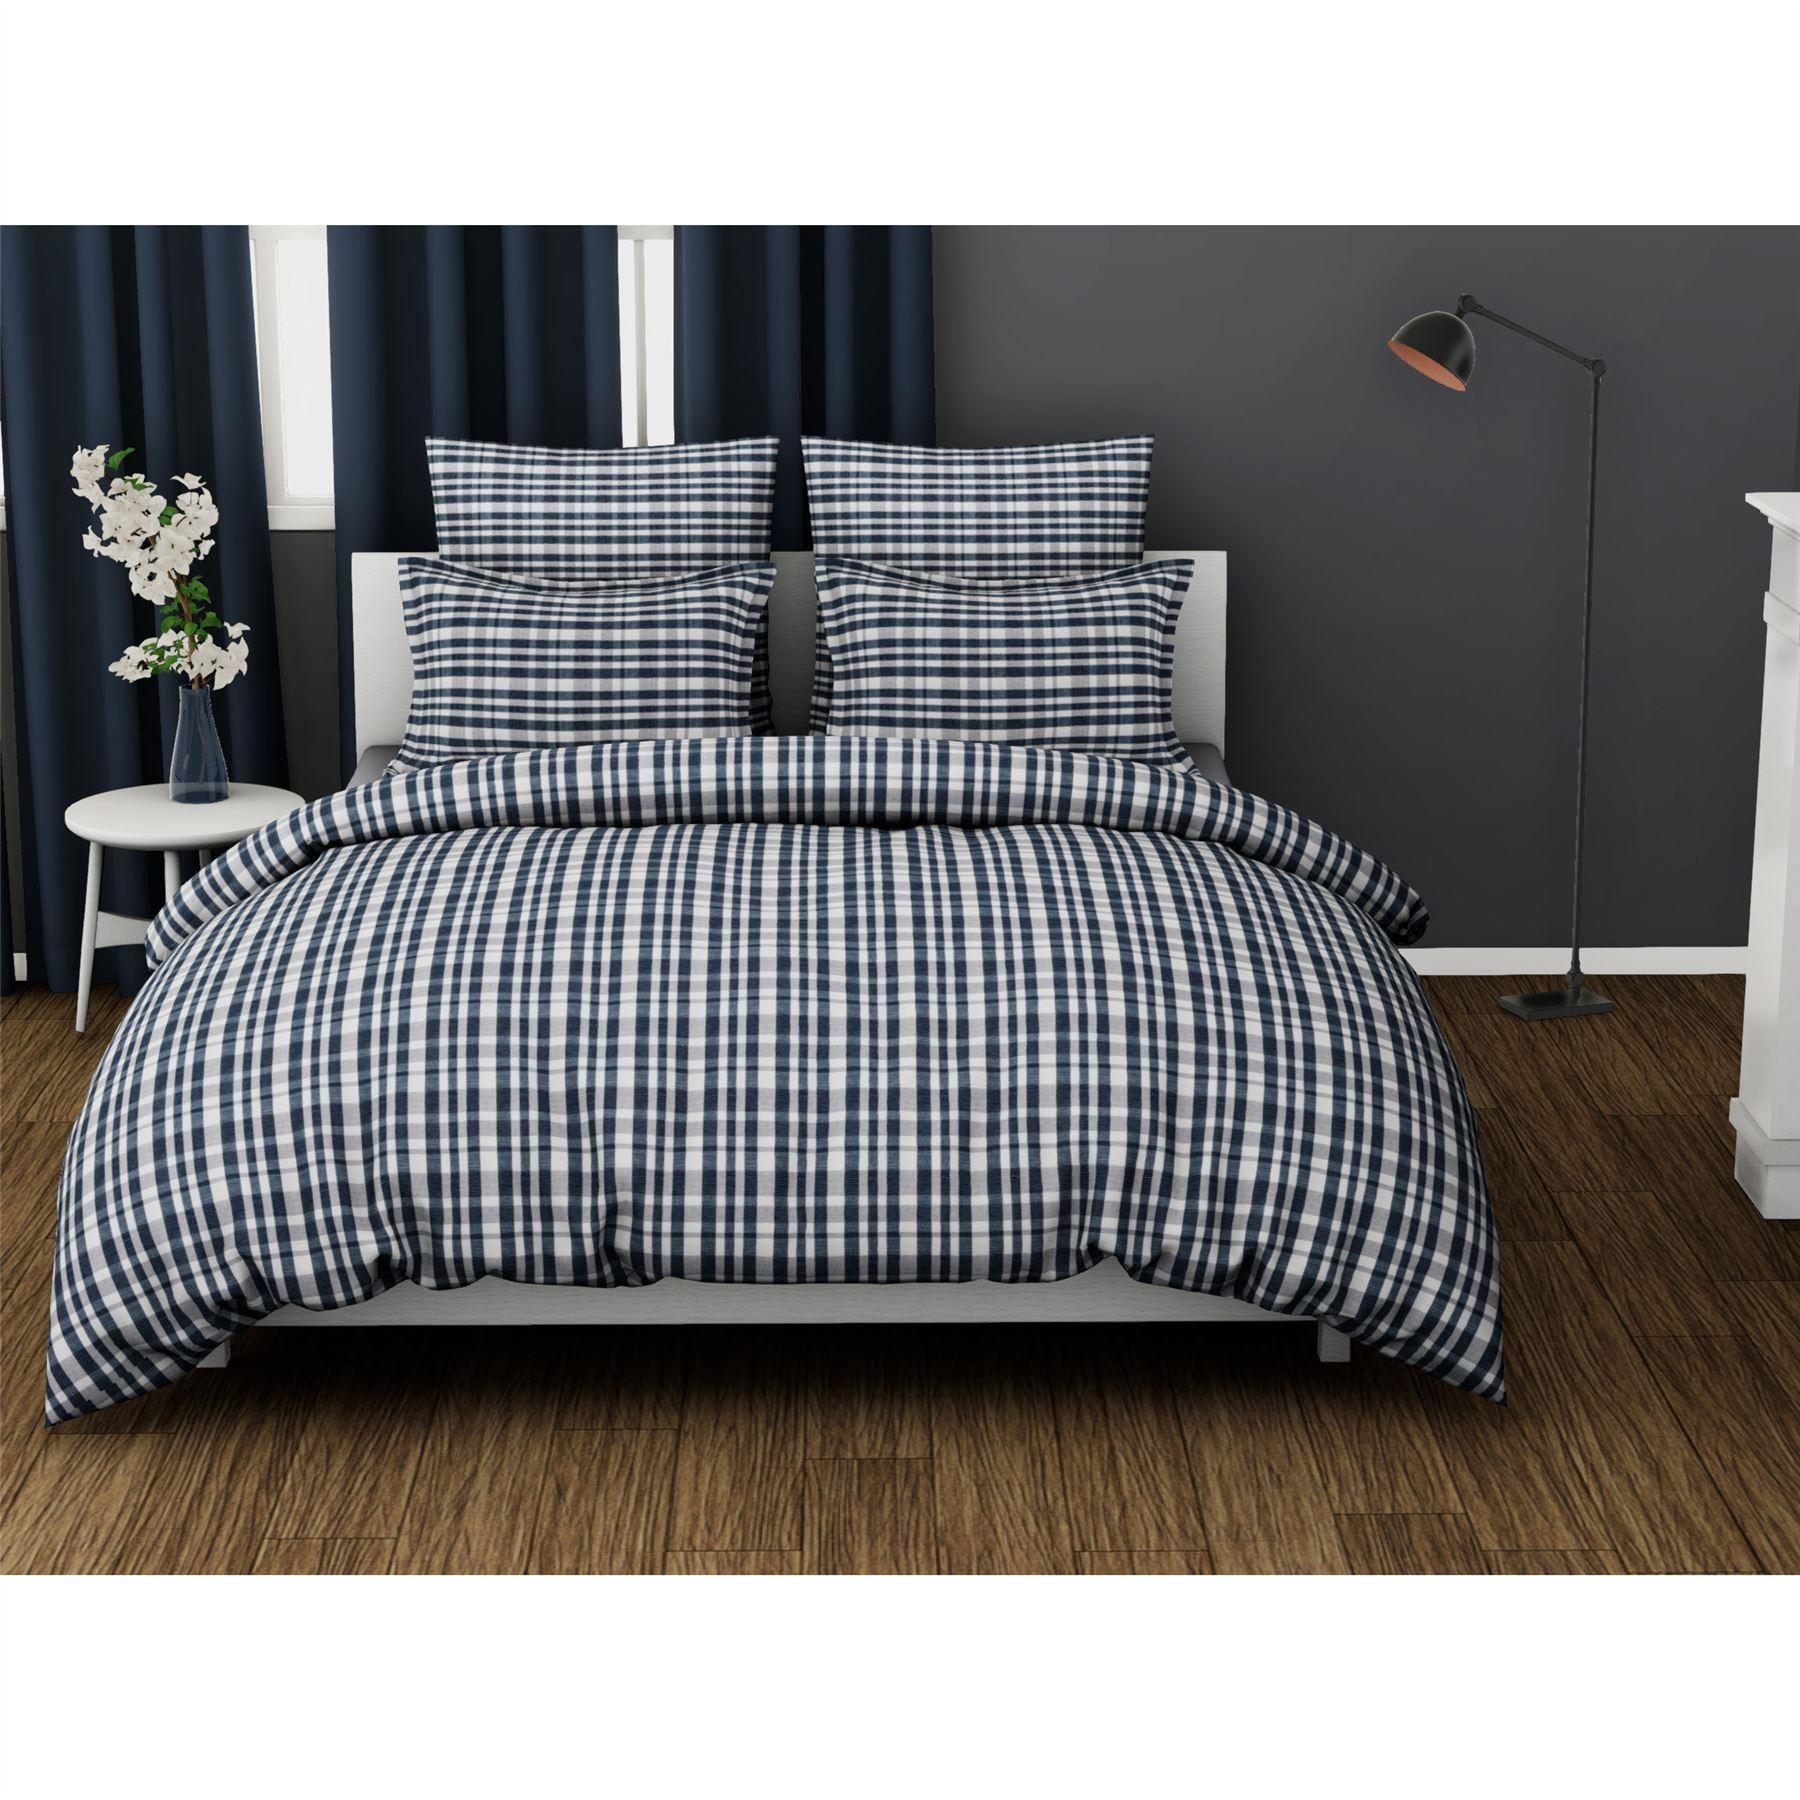 100-Algodon-Cuidado-facil-cubierta-del-edredon-edredon-multicolor-nuevo-conjunto-de-ropa-de-cama miniatura 12